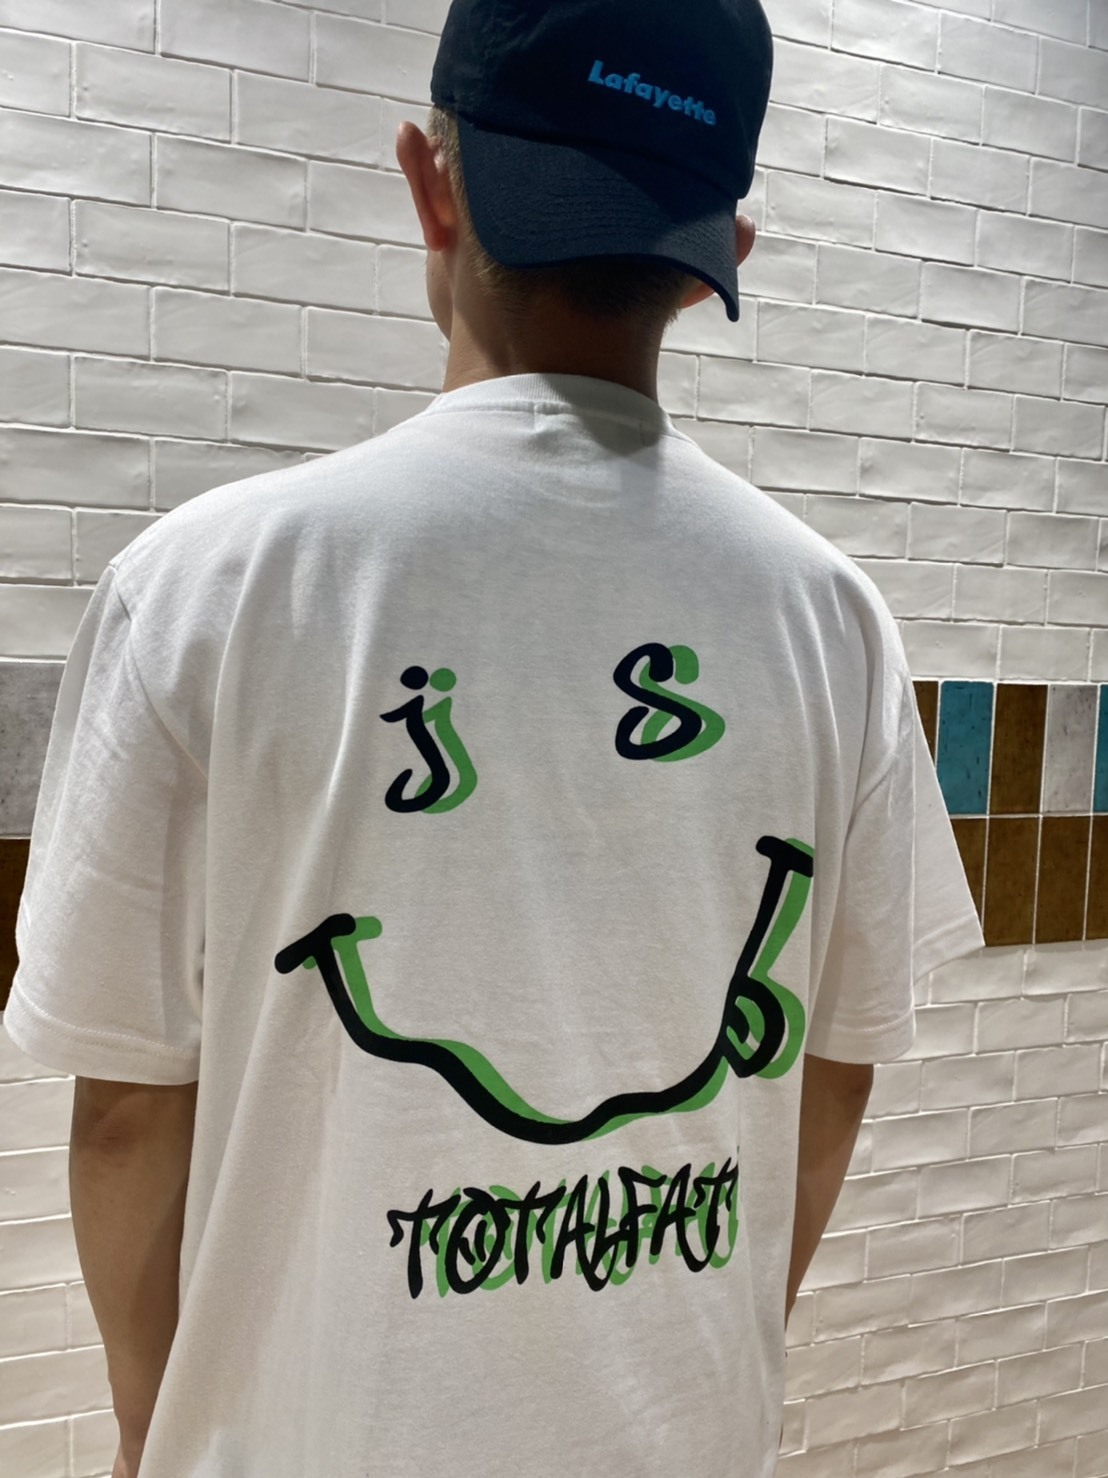 【 受注生産 】Jose生誕記念Tシャツ「Jose×SKEIL special collaboration」(ホワイト)